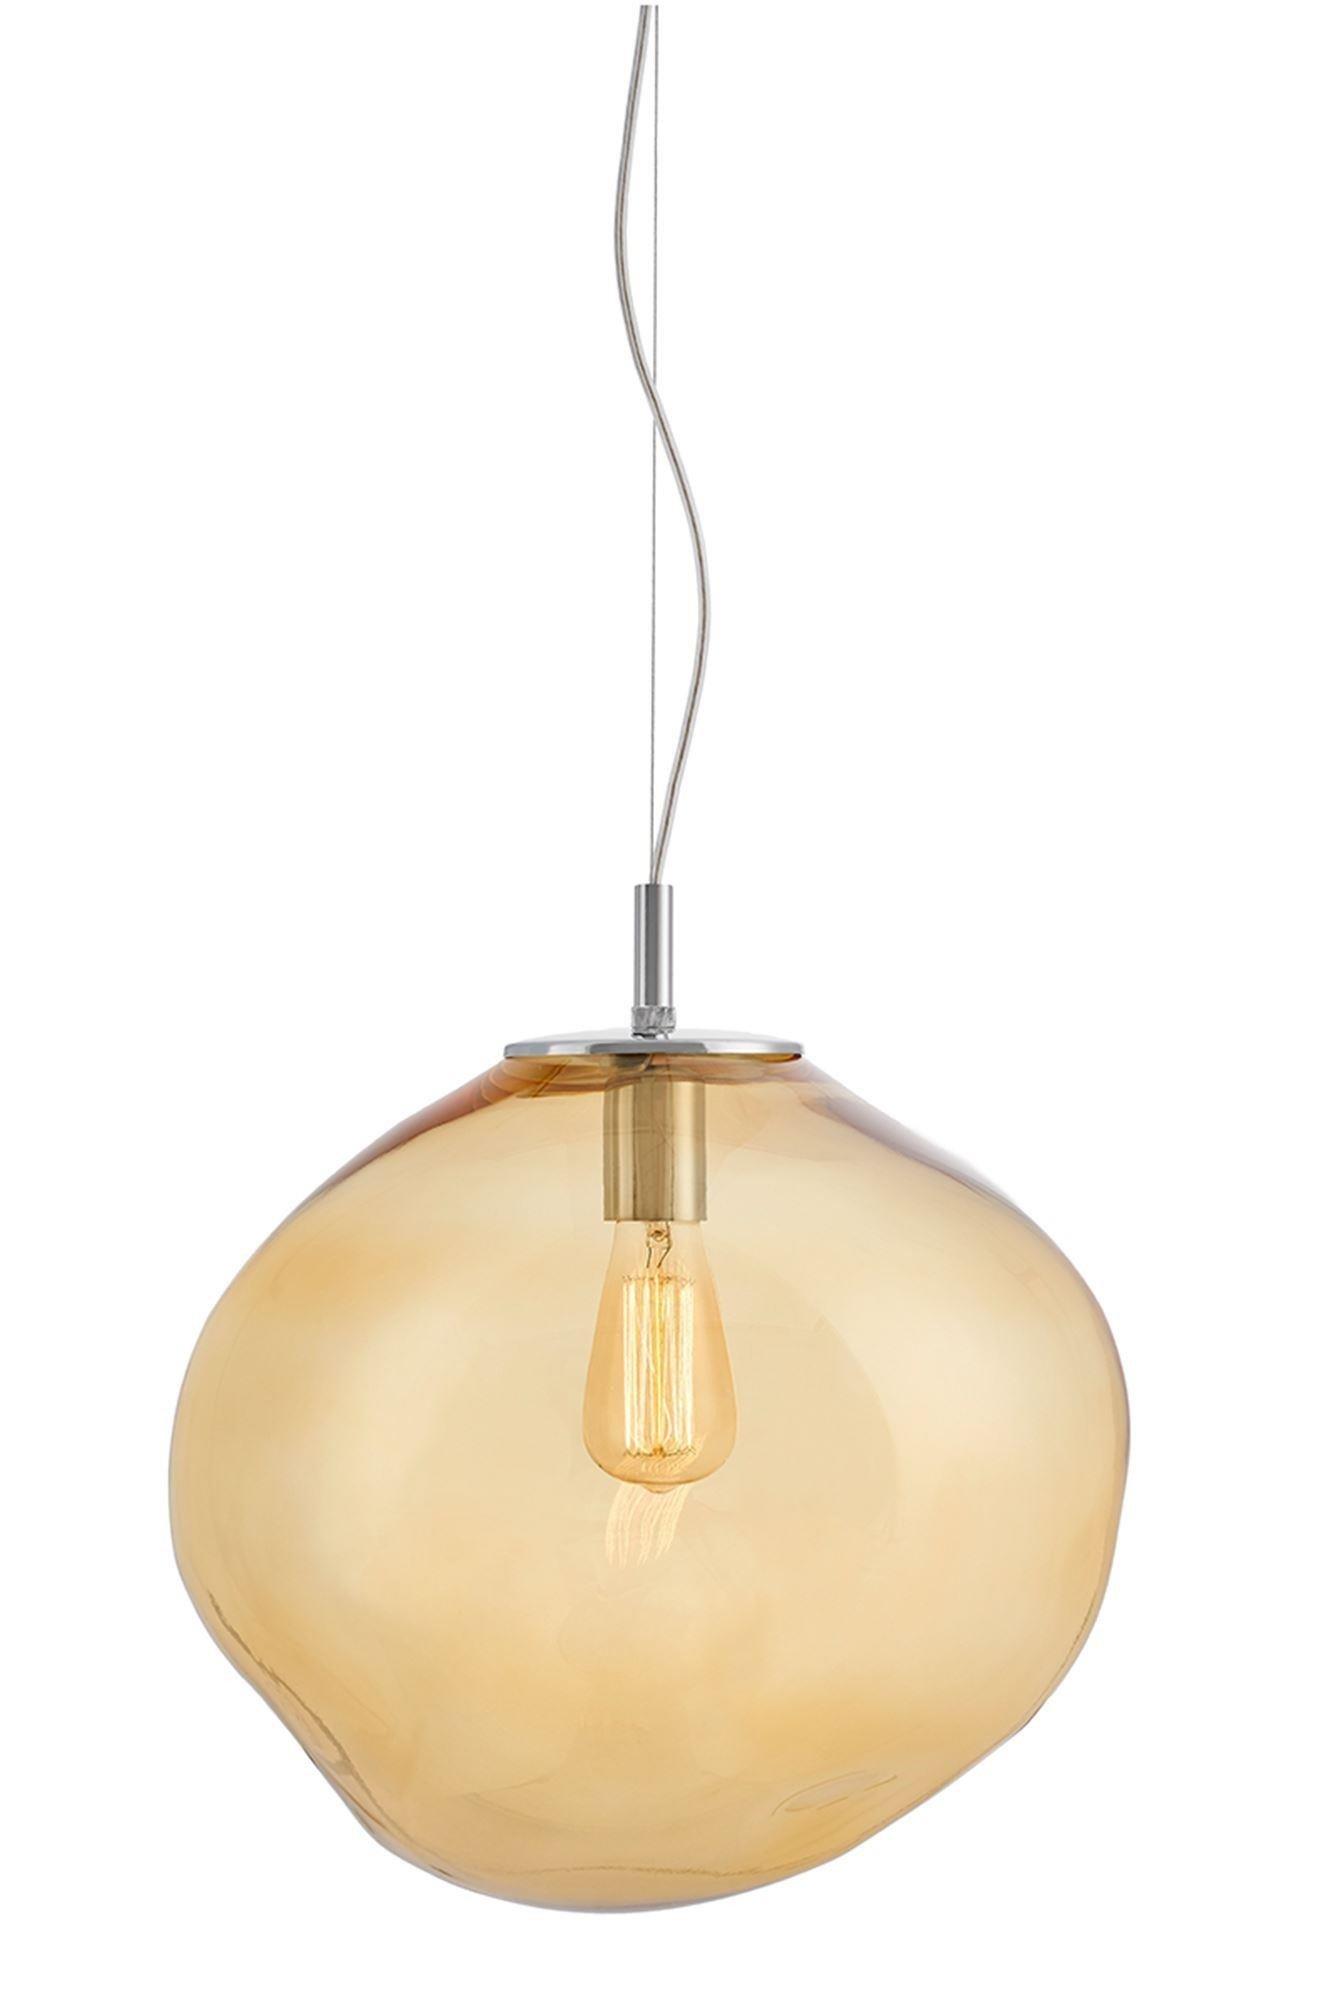 KASPA :: Lampa wisząca Avia L - bursztynowa